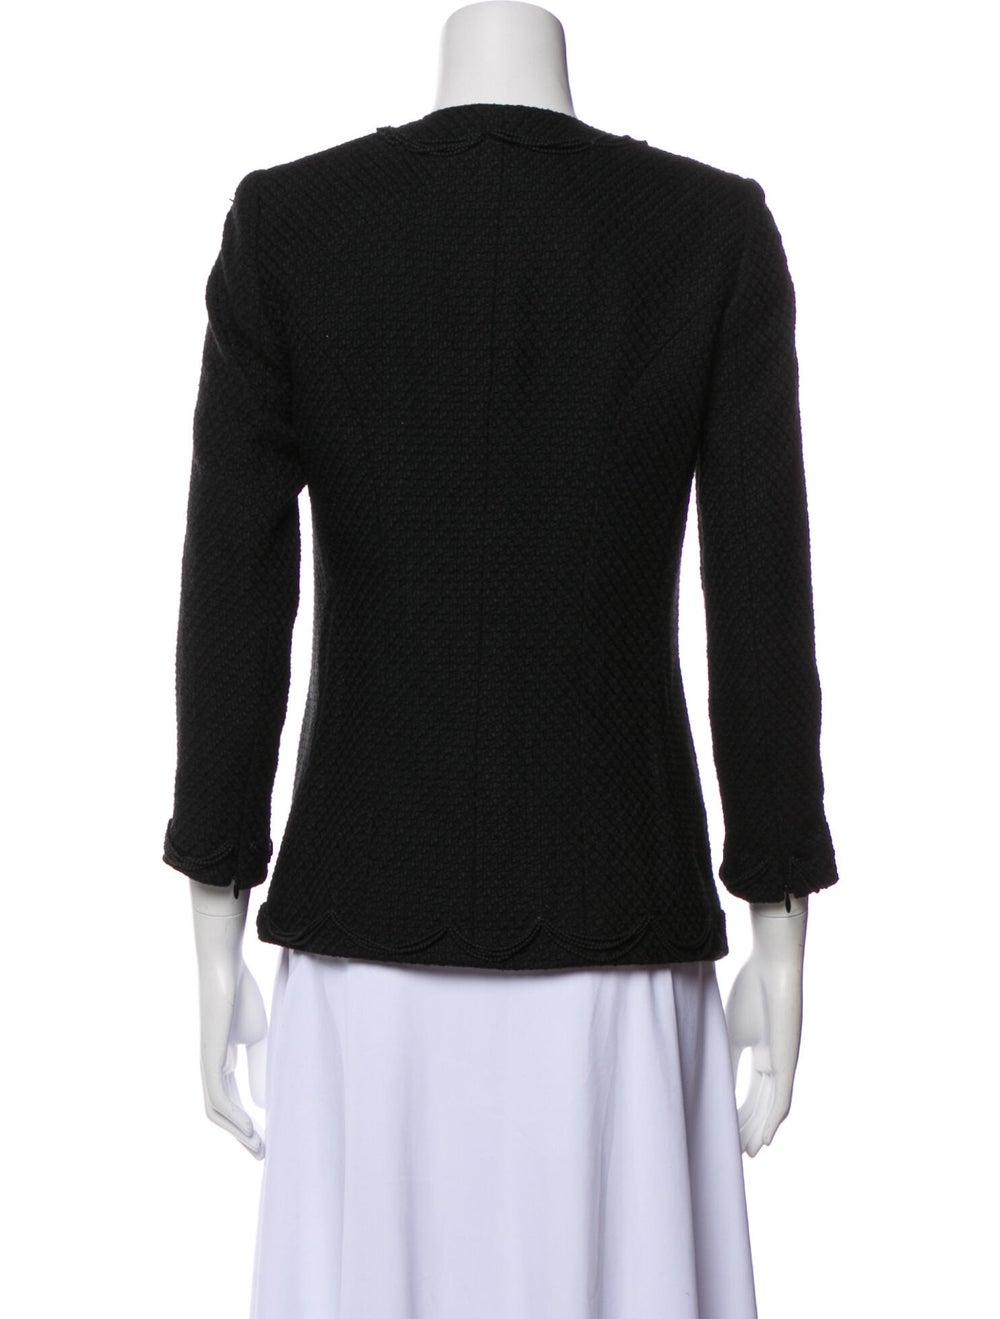 Chanel Vintage 2003 Evening Jacket Black - image 3